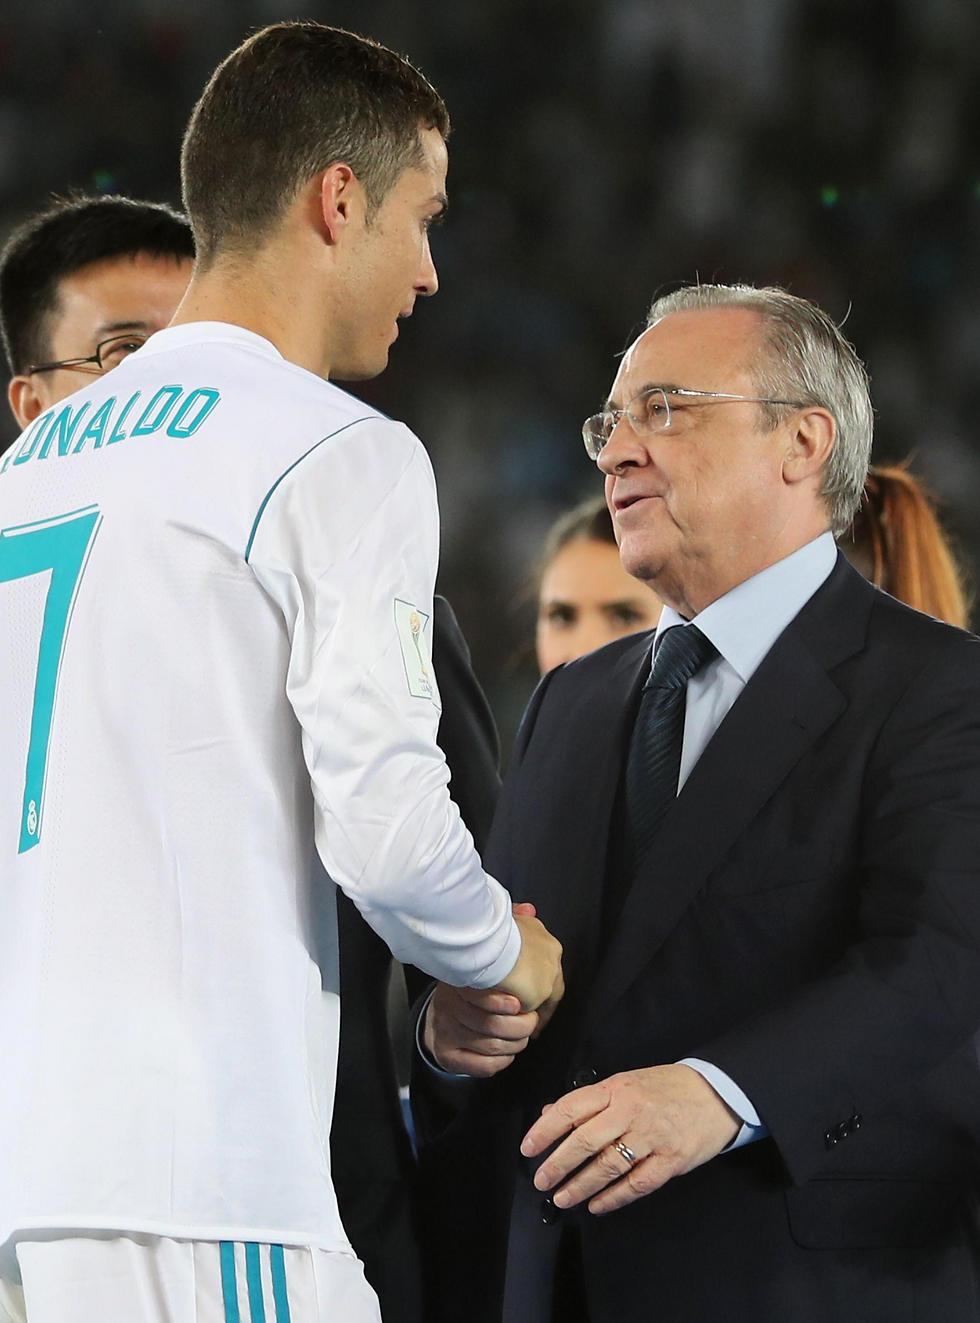 פרס עם רונאלדו. הנשיא קפא (צילום: AFP) (צילום: AFP)